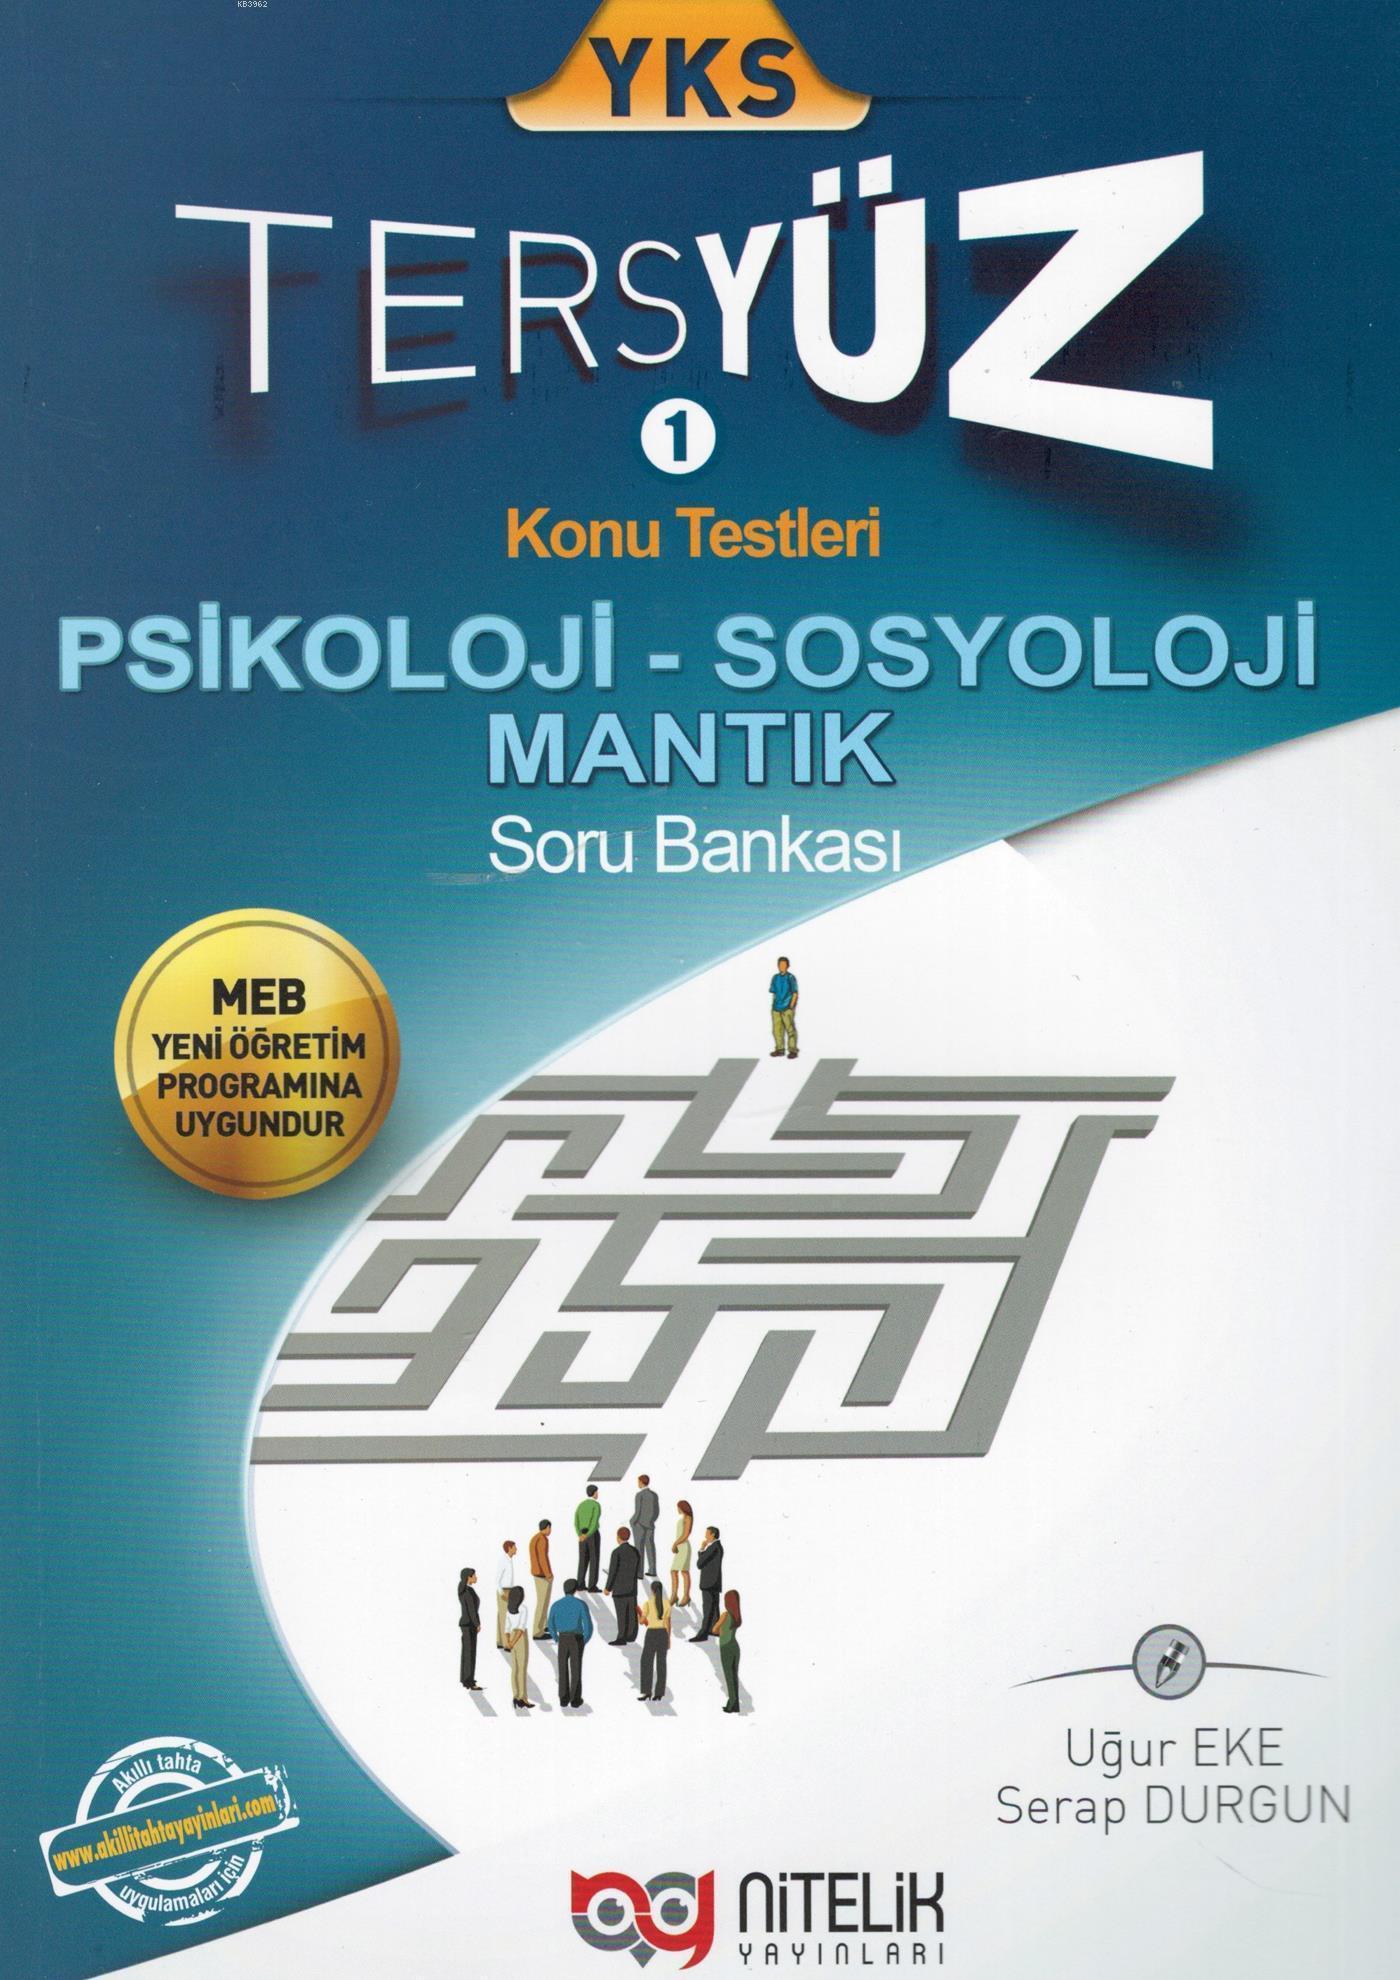 Nitelik Yayınları YKS Psikoloji Sosyoloji Mantık Tersyüz Soru Bankası Nitelik